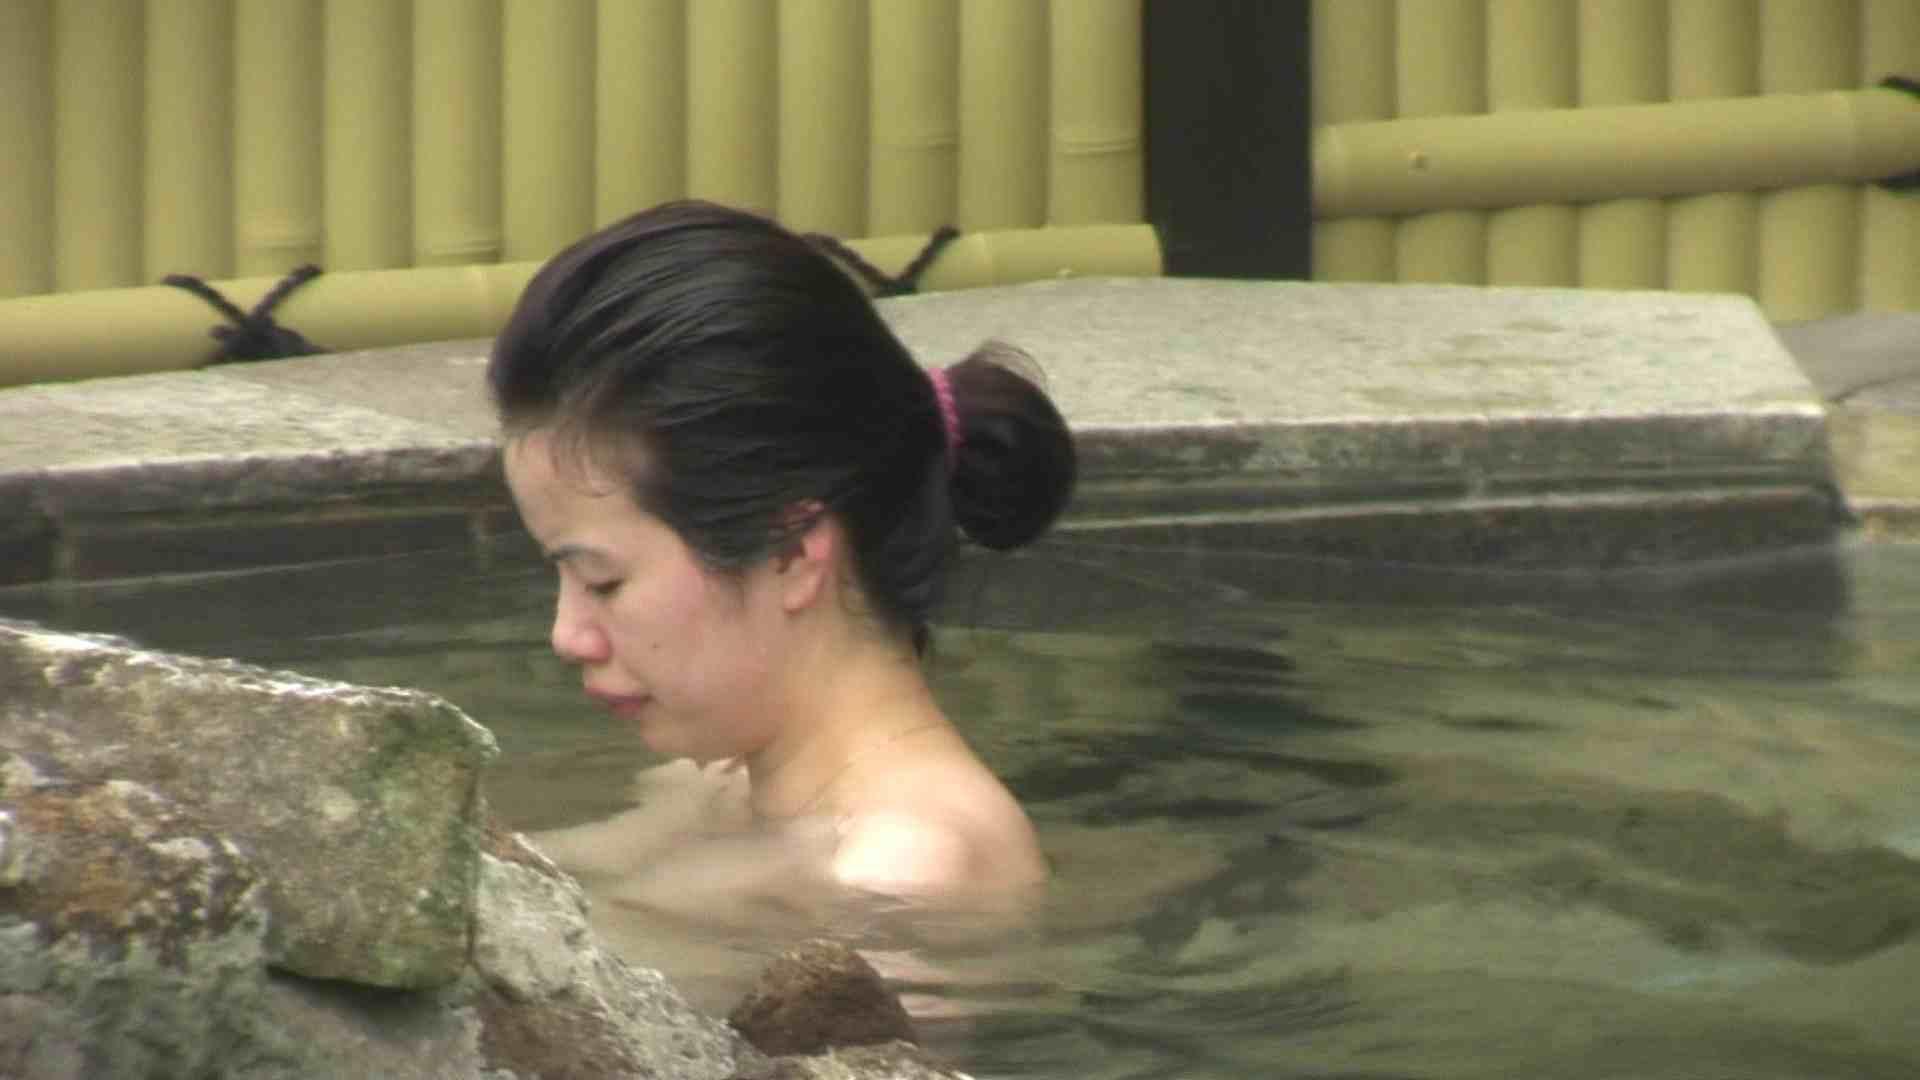 Aquaな露天風呂Vol.682 0   0  78pic 43